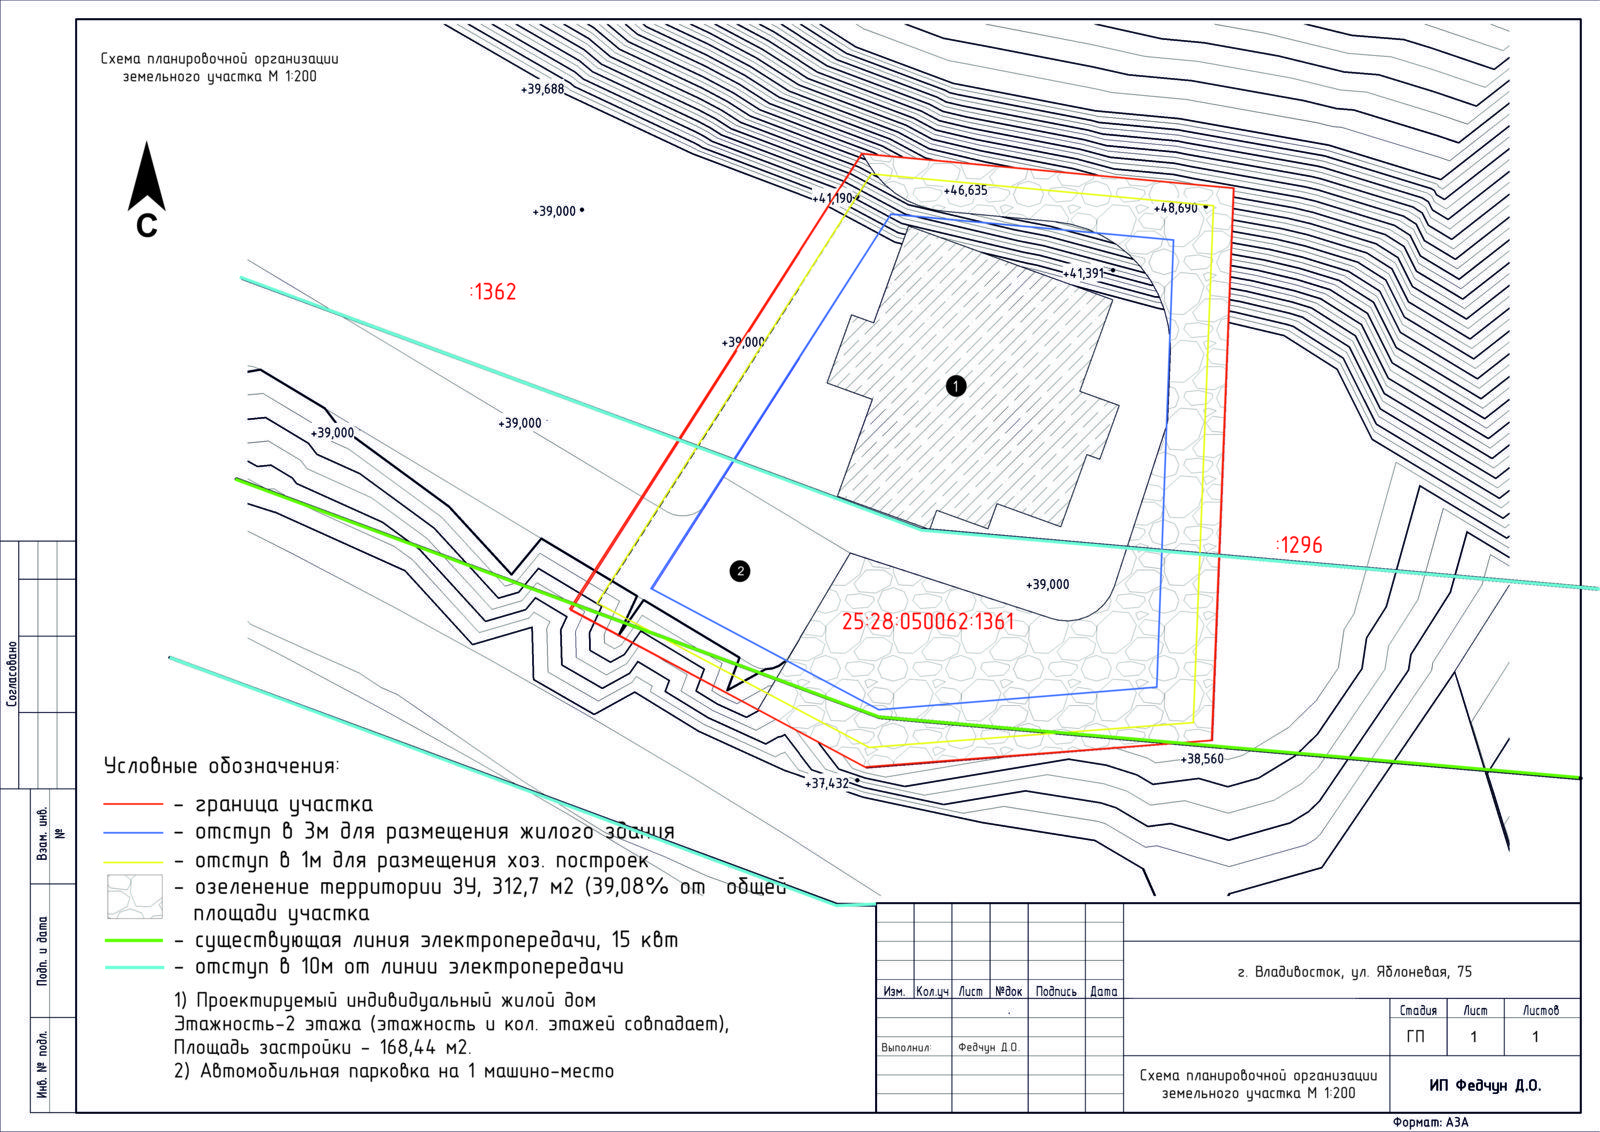 СПОЗУ - Схема планировочной организации земельного участка %D0%A1%D0%9F%D0%9E%D0%97%D0%A3-1-jpg.4287